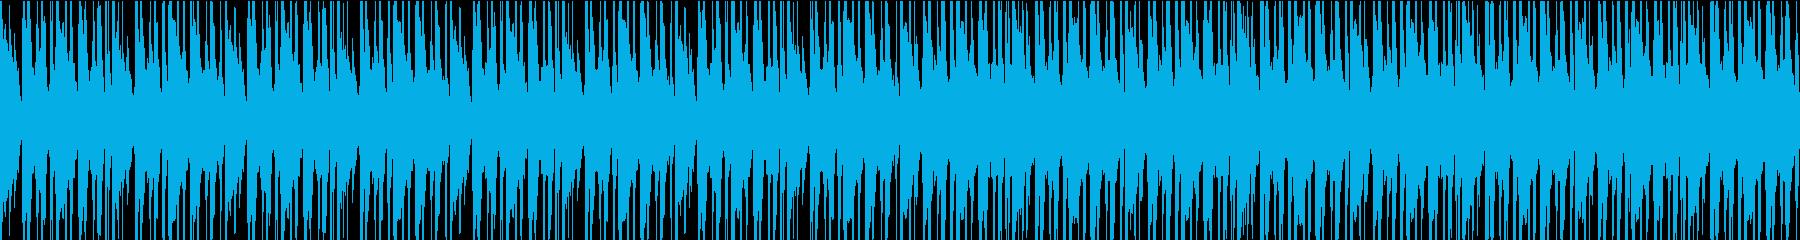 エキゾチックで勢いのある民族音楽風BGMの再生済みの波形